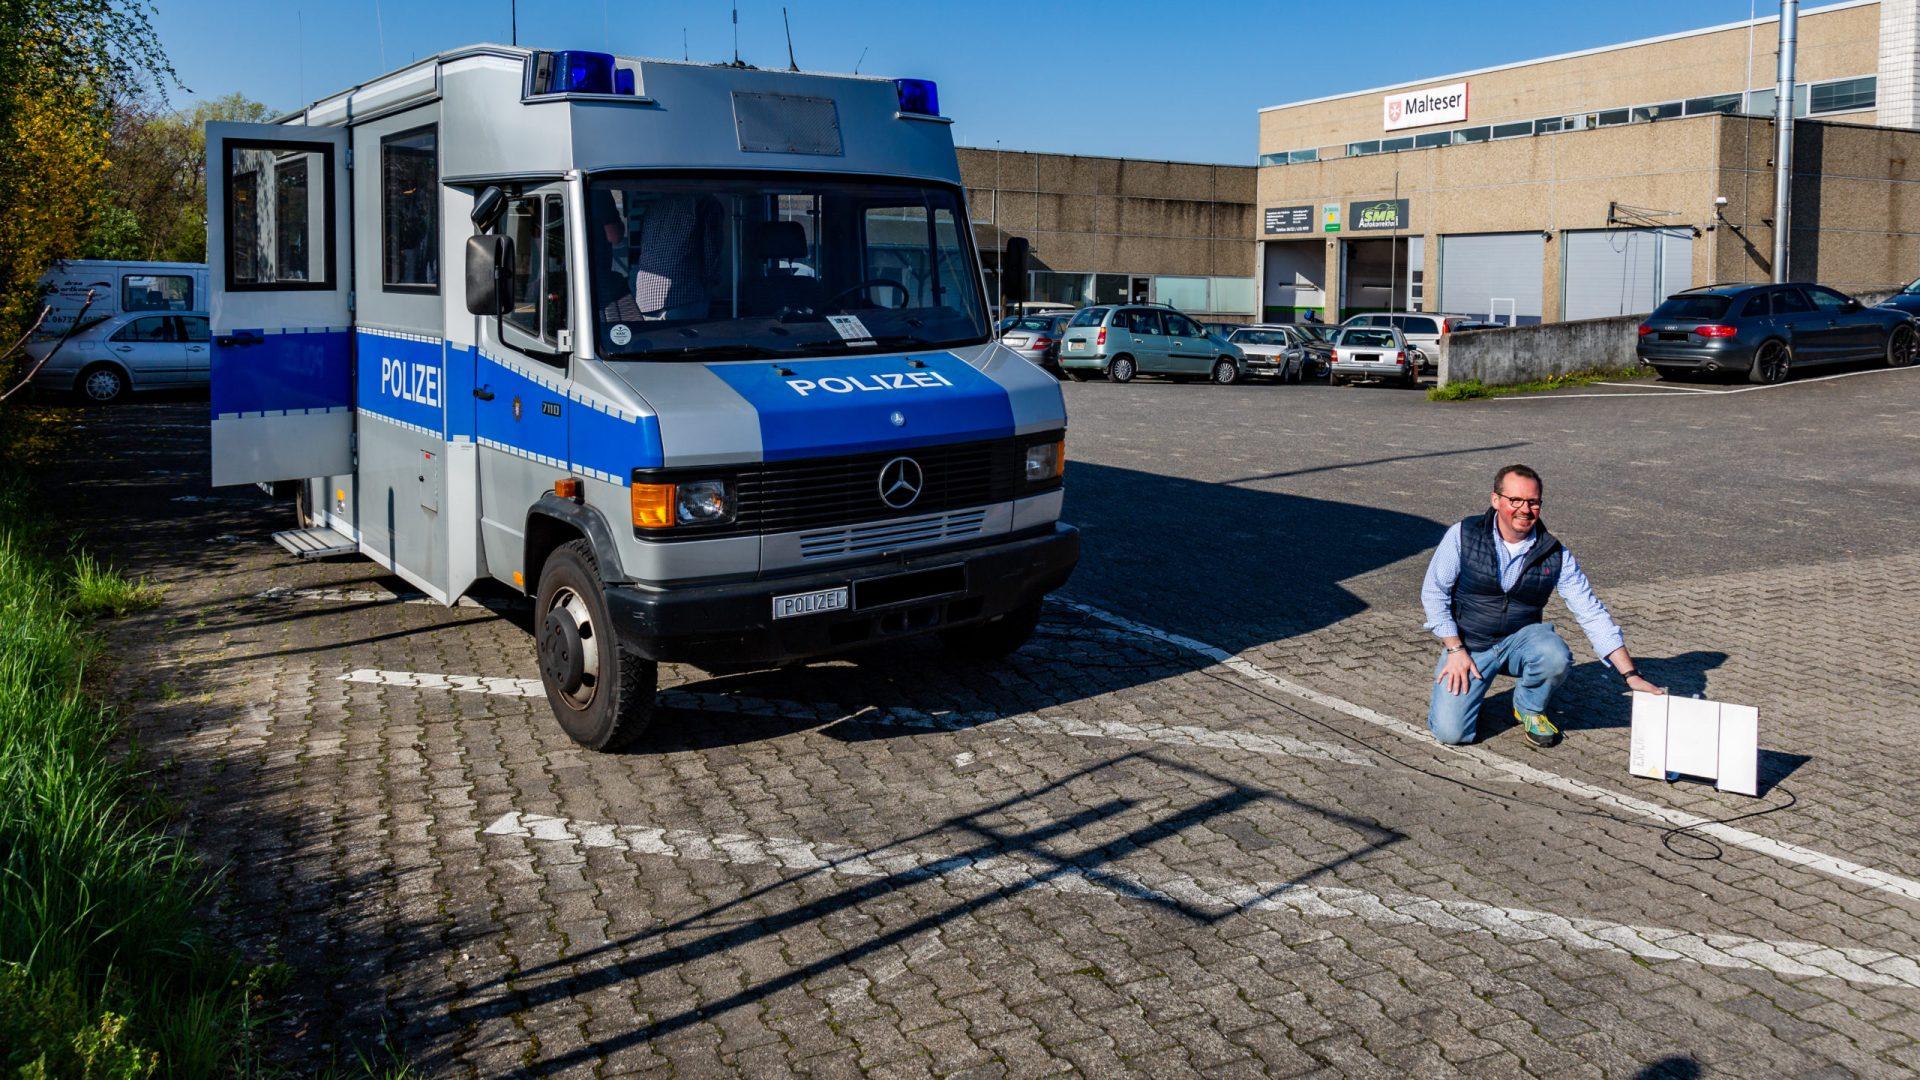 Polizei Westhessen-5877